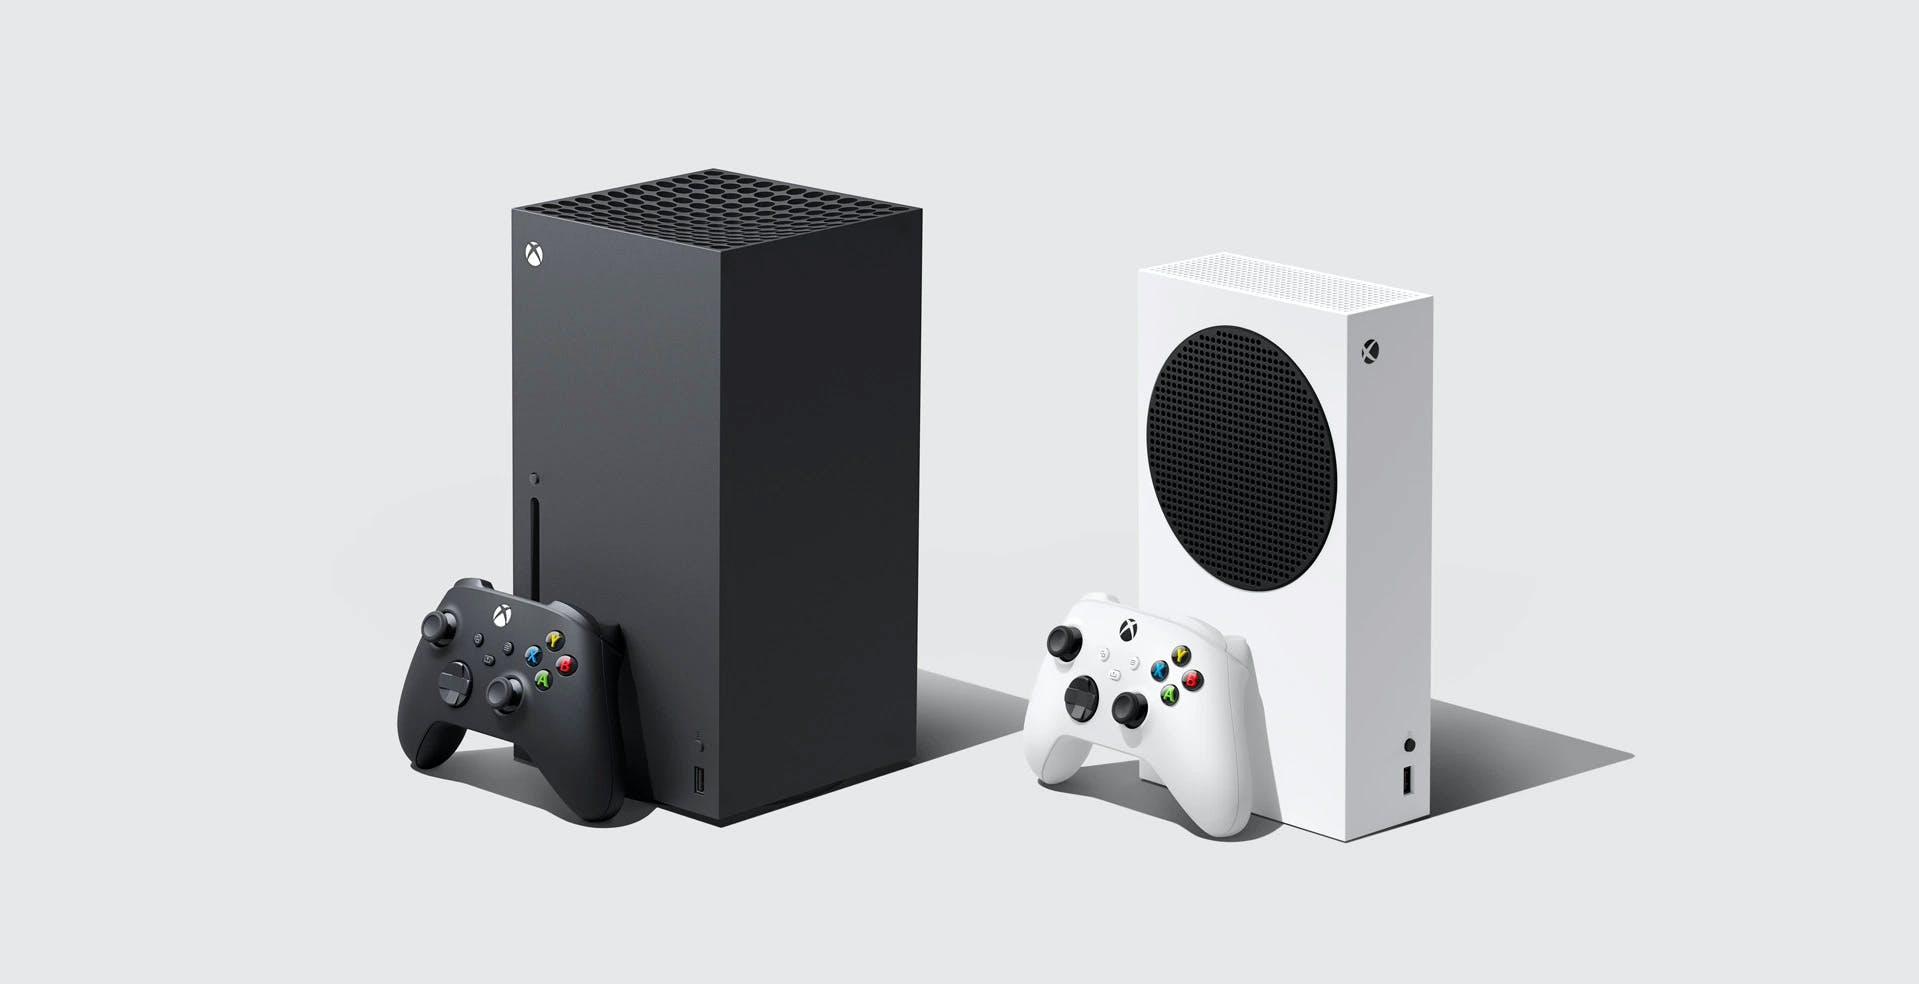 Xbox Series S e Xbox Series X in Italia il 10 novembre a 299 euro e 499 euro. I migliori titoli EA finiscono gratis su Game Pass